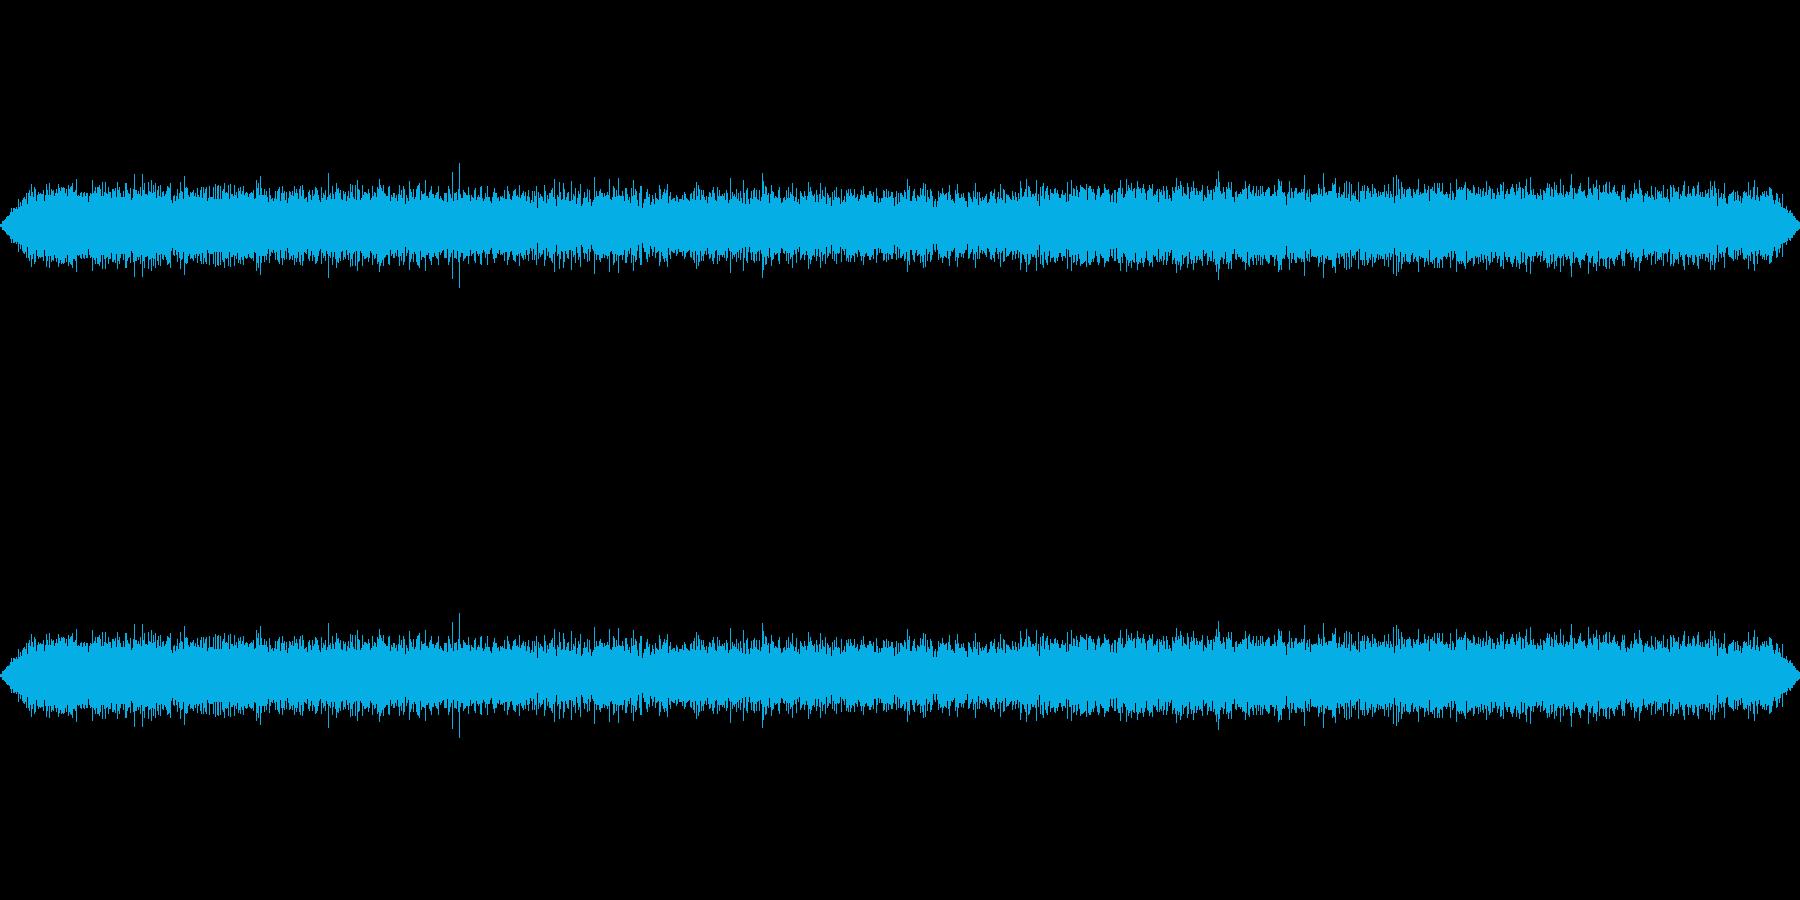 フライドポテトなどの揚げ物の音の再生済みの波形